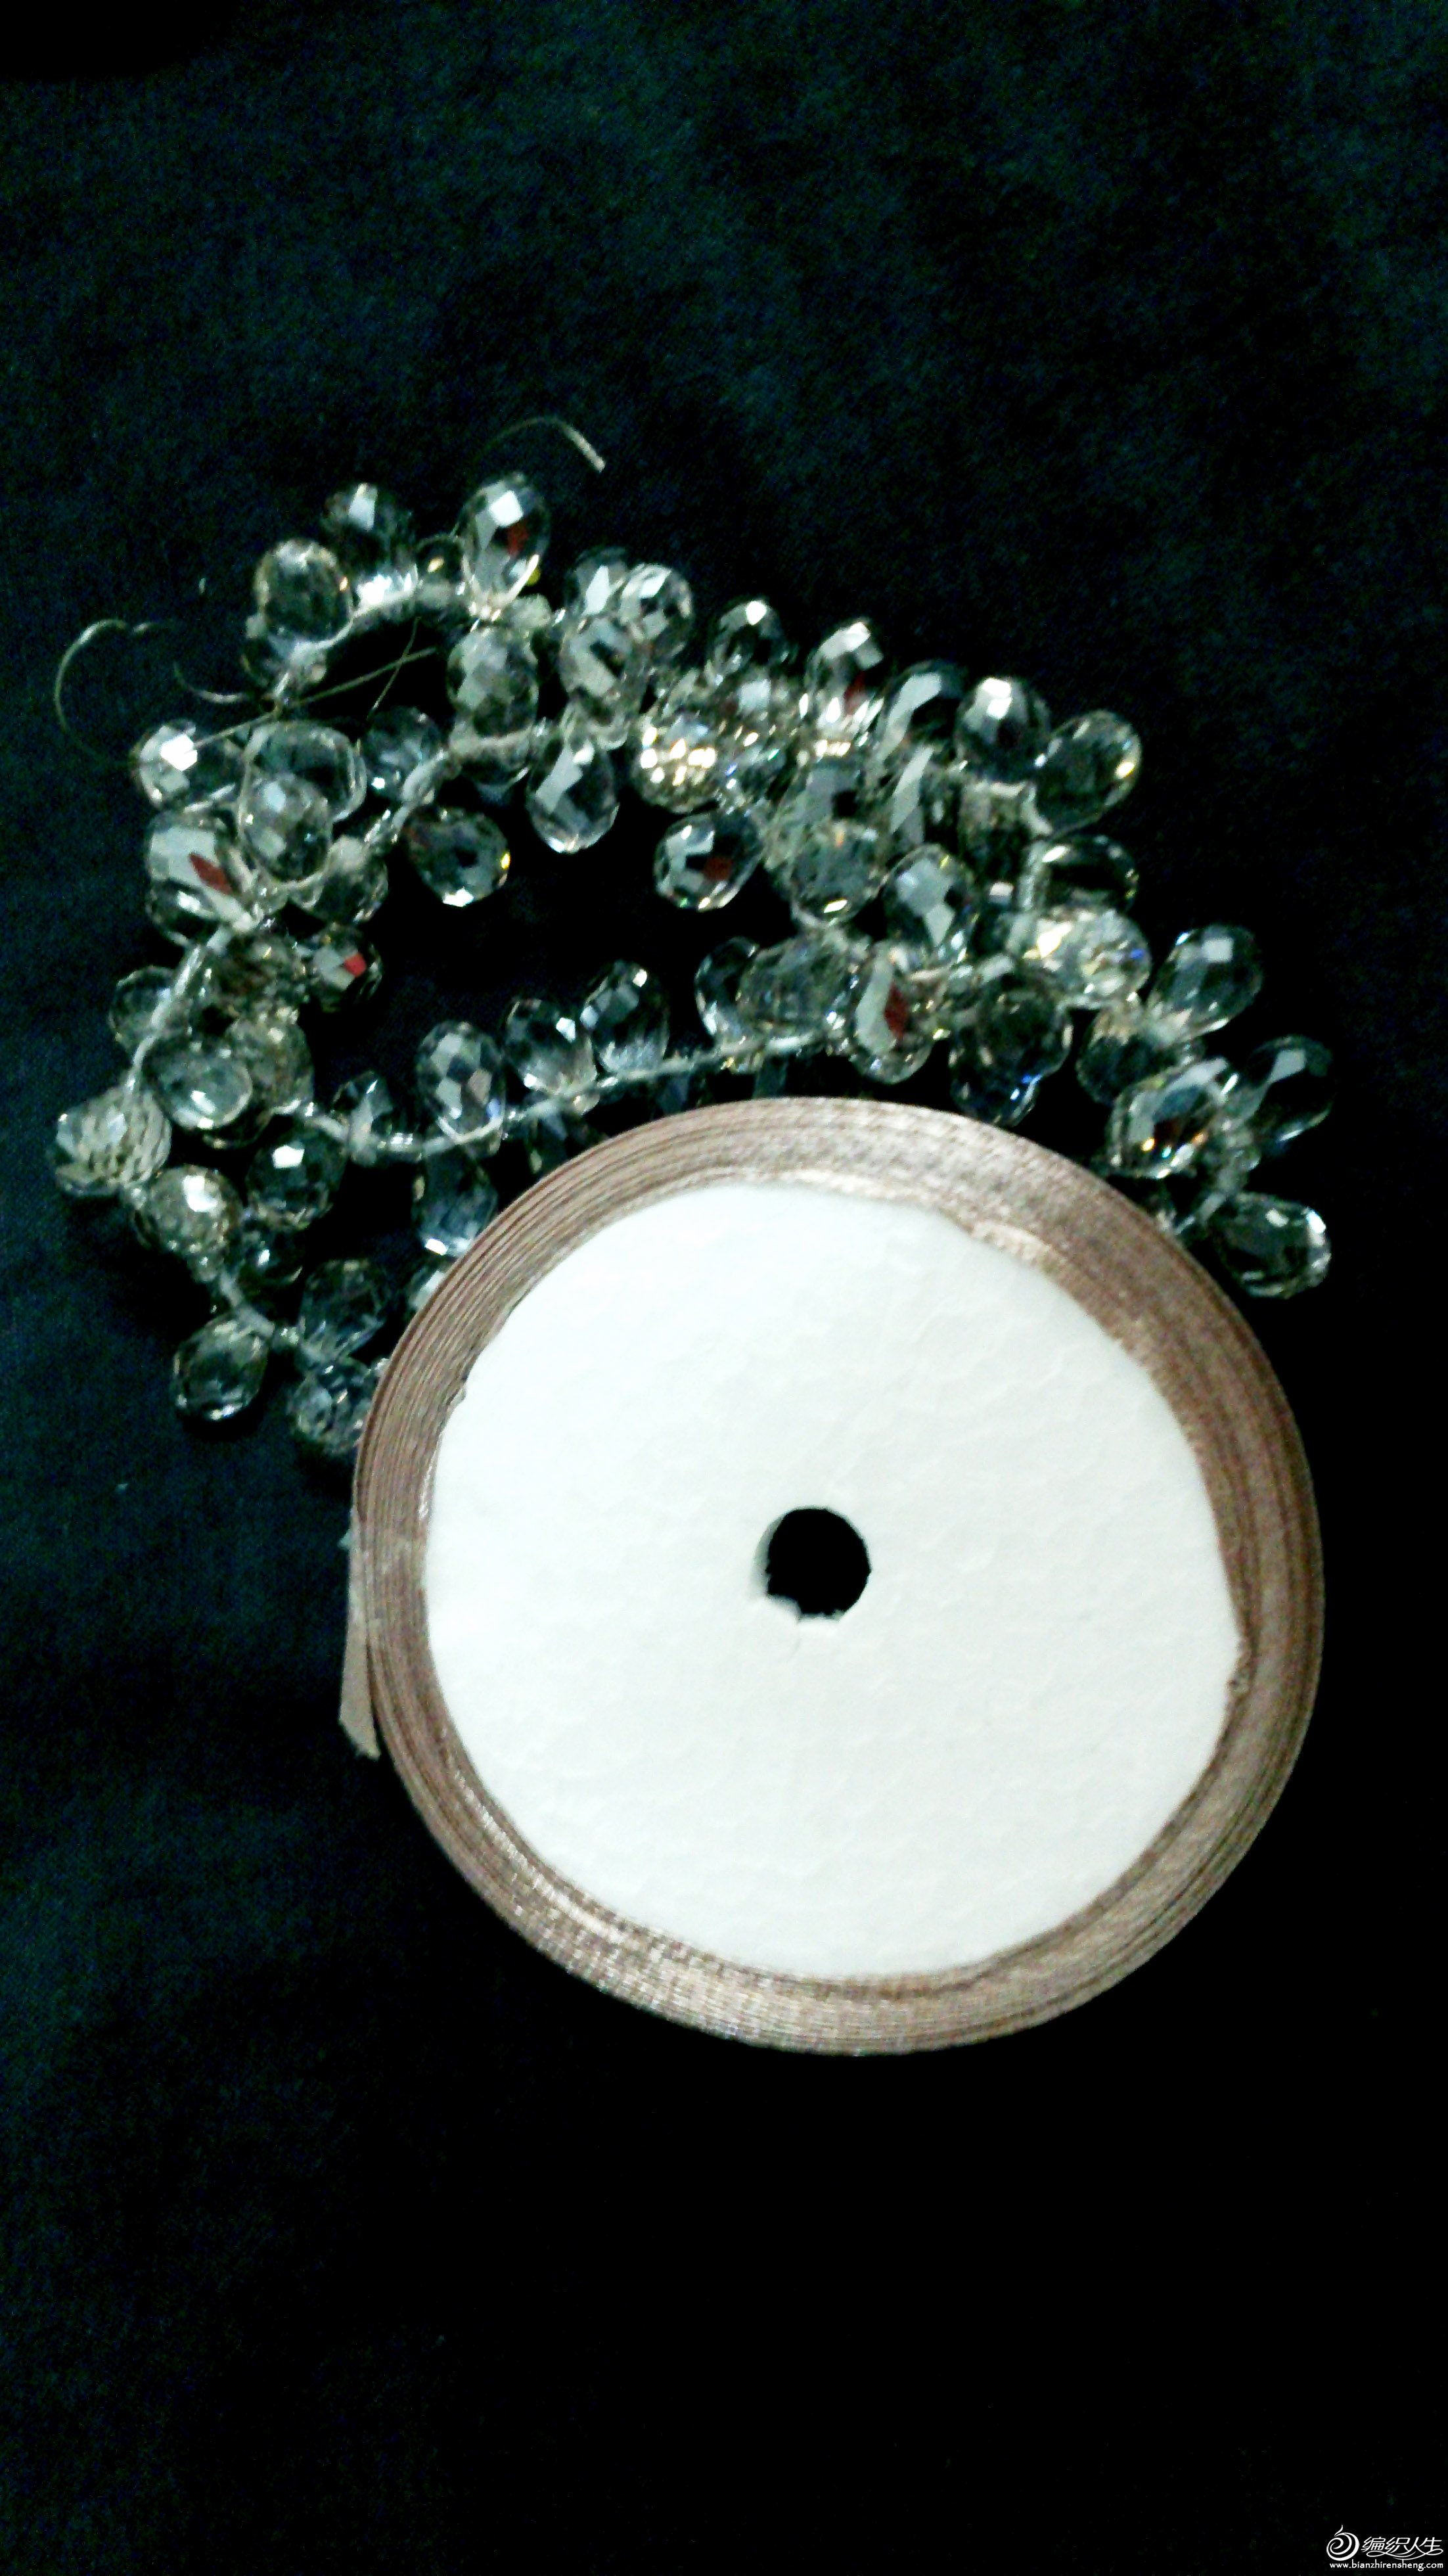 辅料,水晶50一串大概100个,丝带1元一轴的浅豆沙色